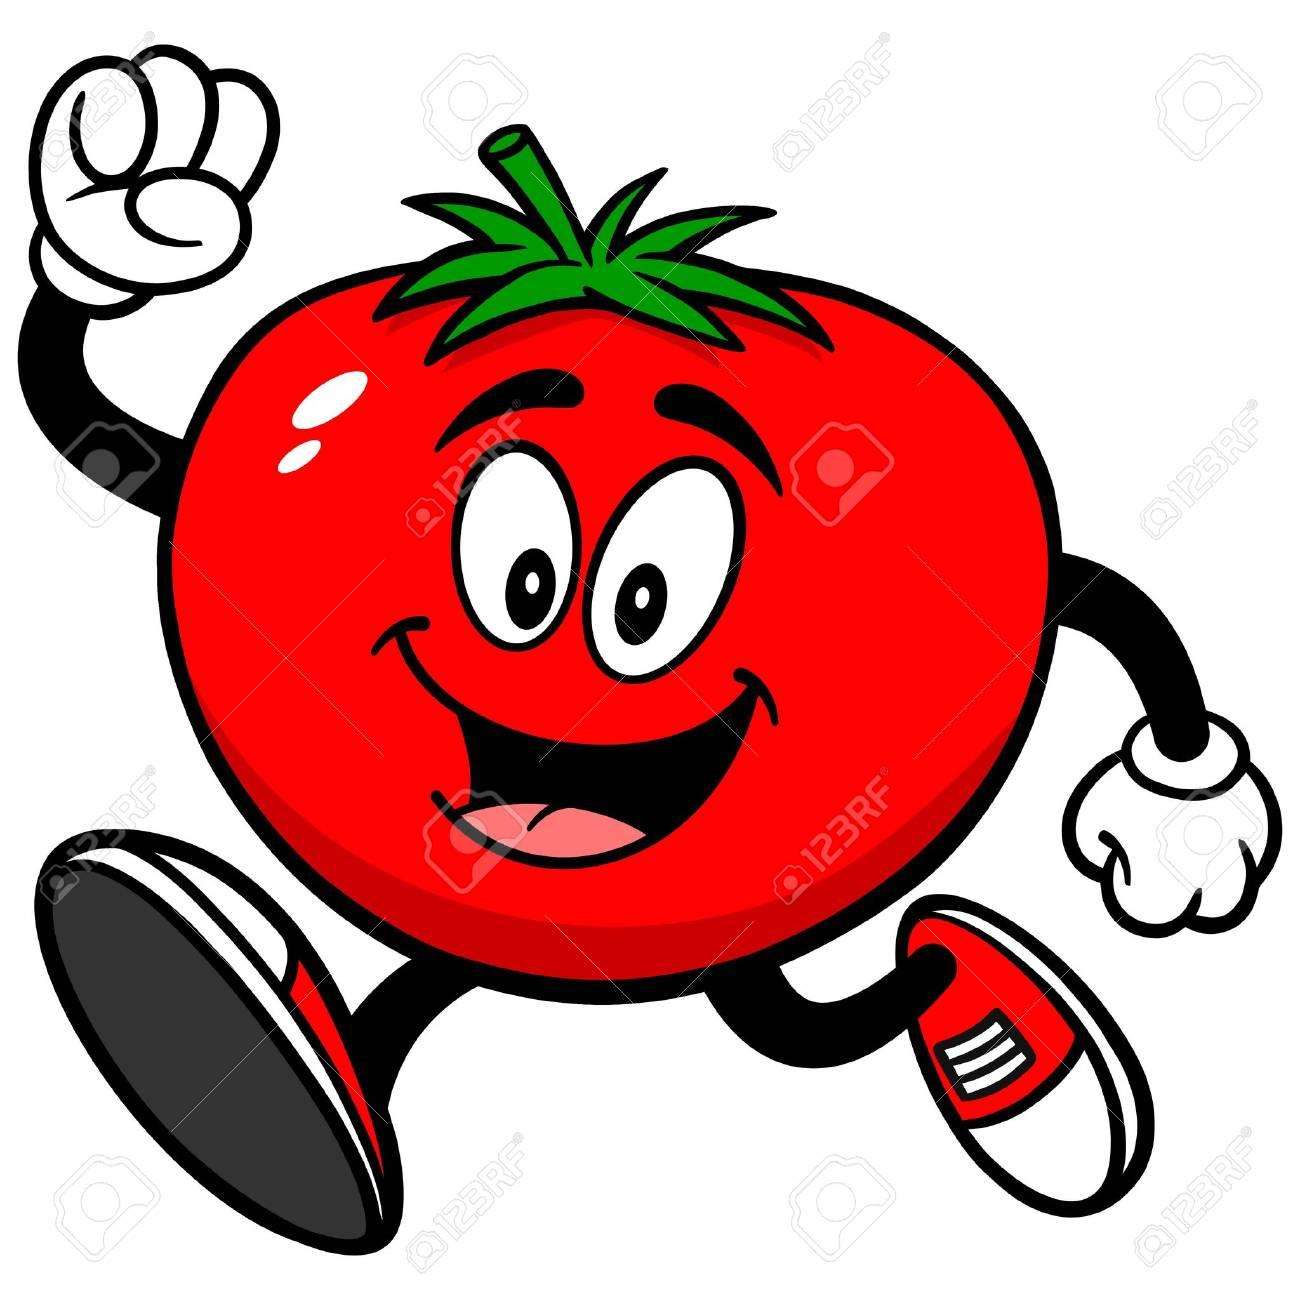 Tomato Running - 57935700